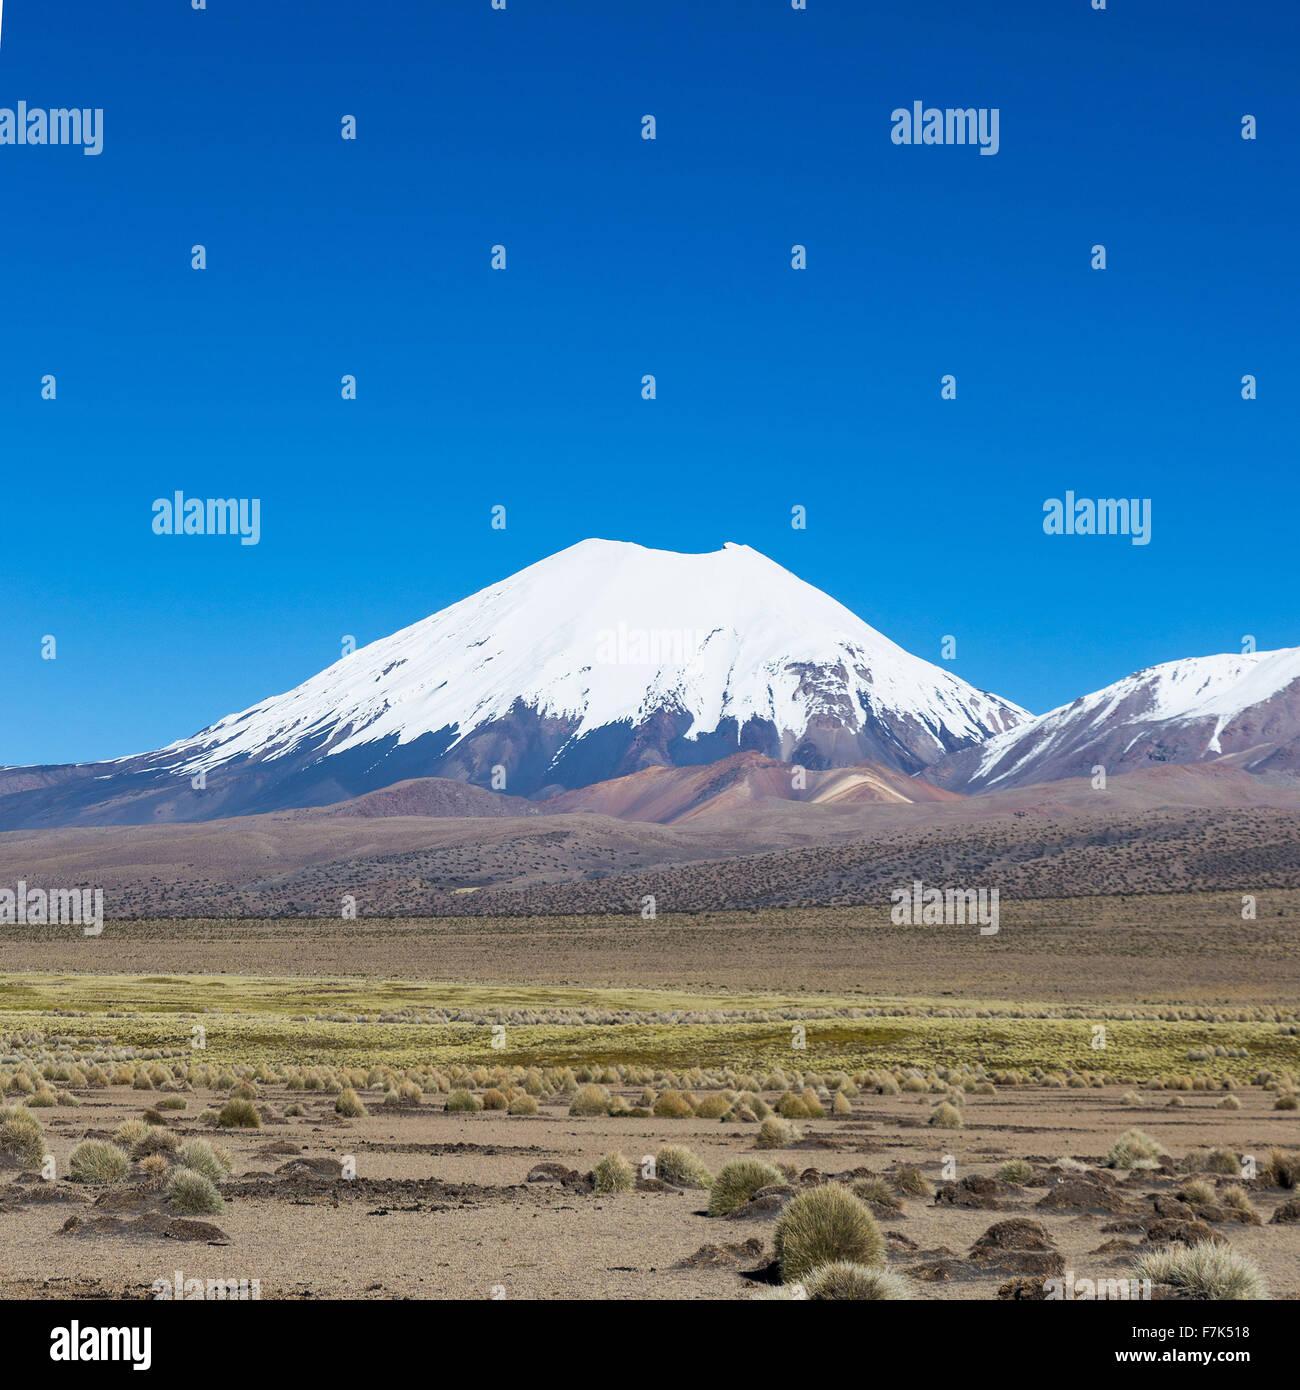 Vulcano Parinacota. Alta paesaggio andino nelle Ande. Alta tundra andina nel paesaggio delle montagne delle Ande. Immagini Stock